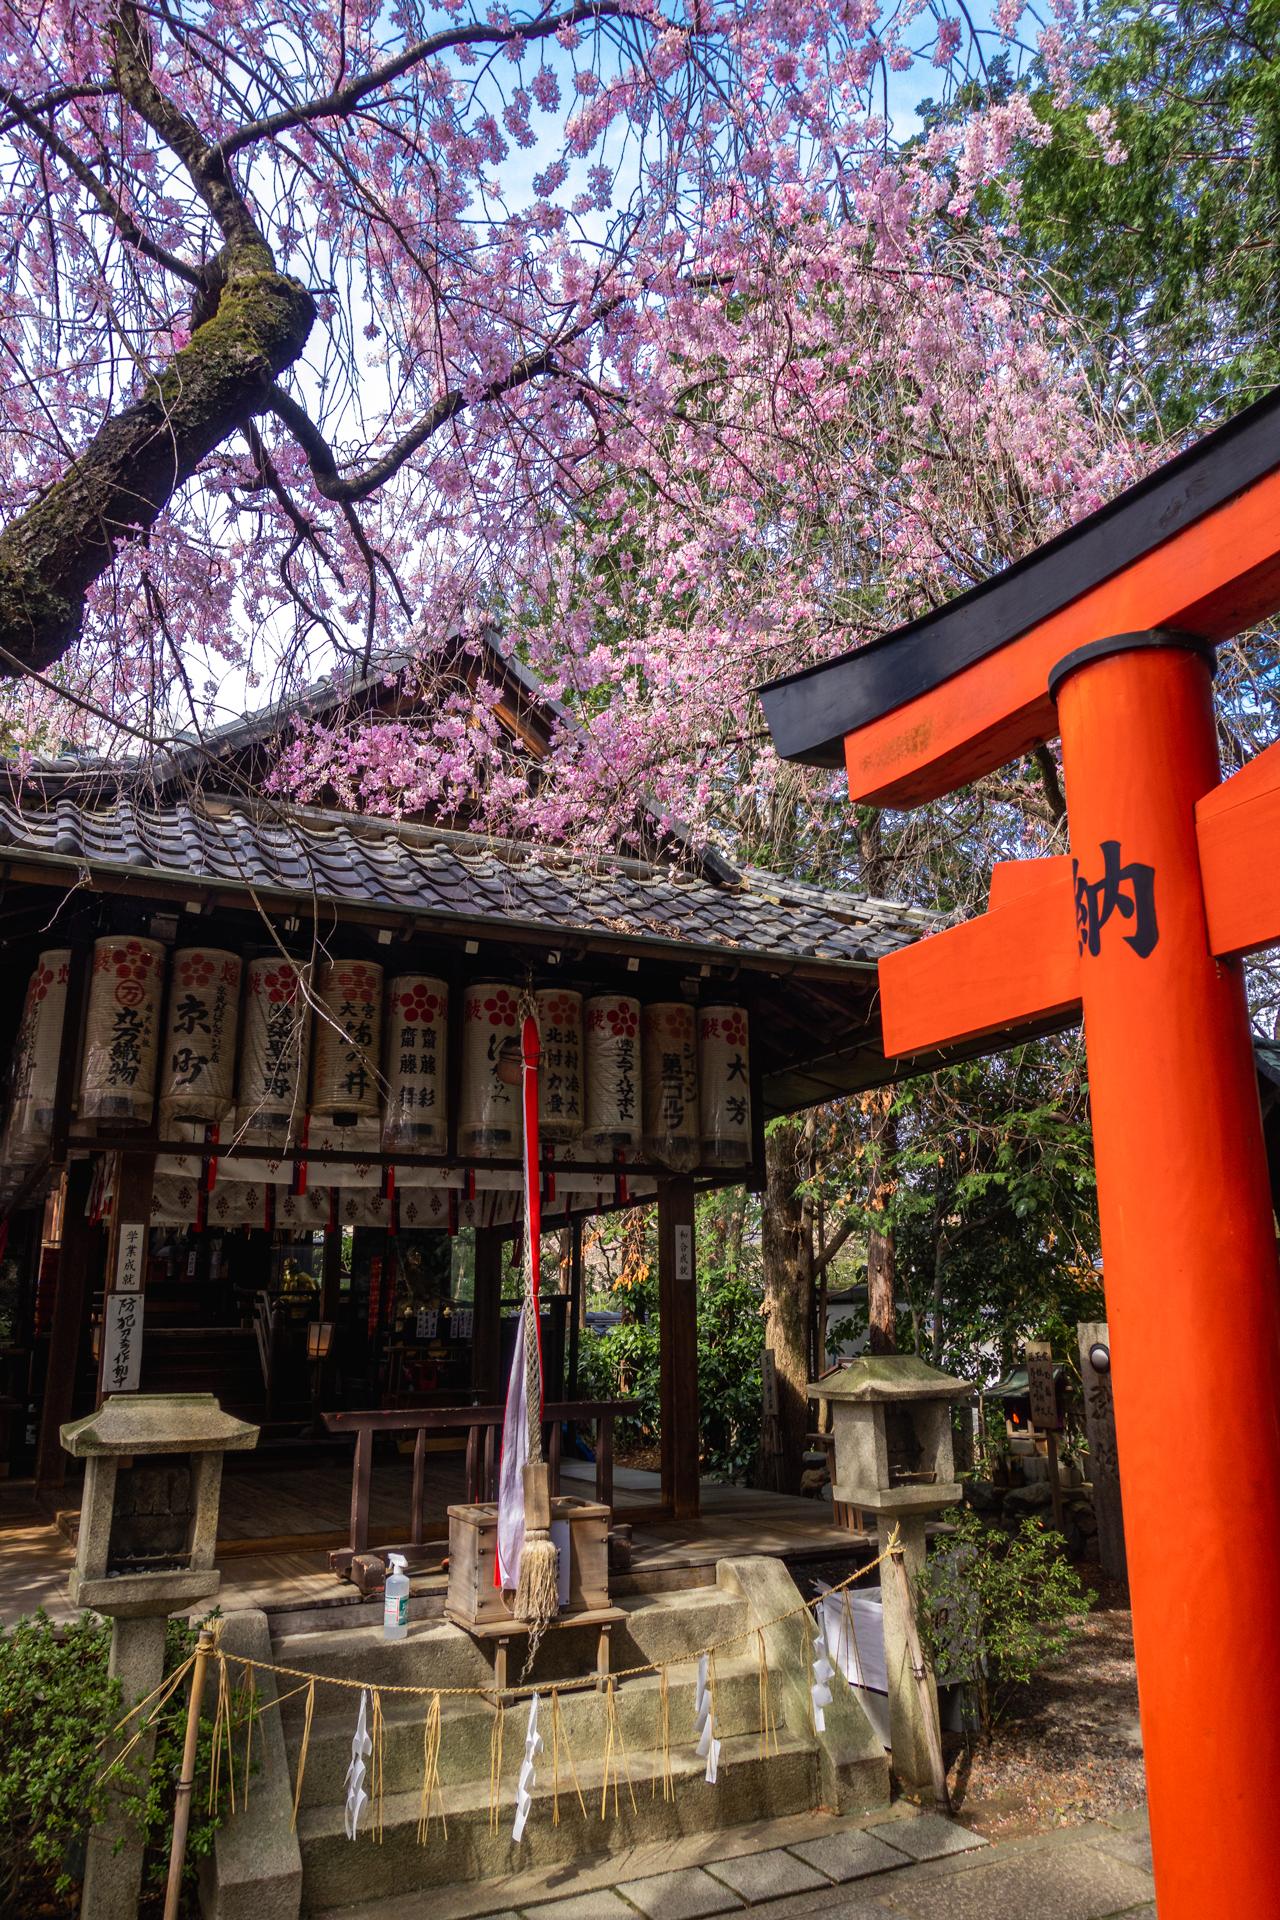 DSC05132 京都府 水火天満宮(境内に咲く紅枝垂桜が美しいおすすめの桜スポット! 写真の紹介、アクセス情報など)